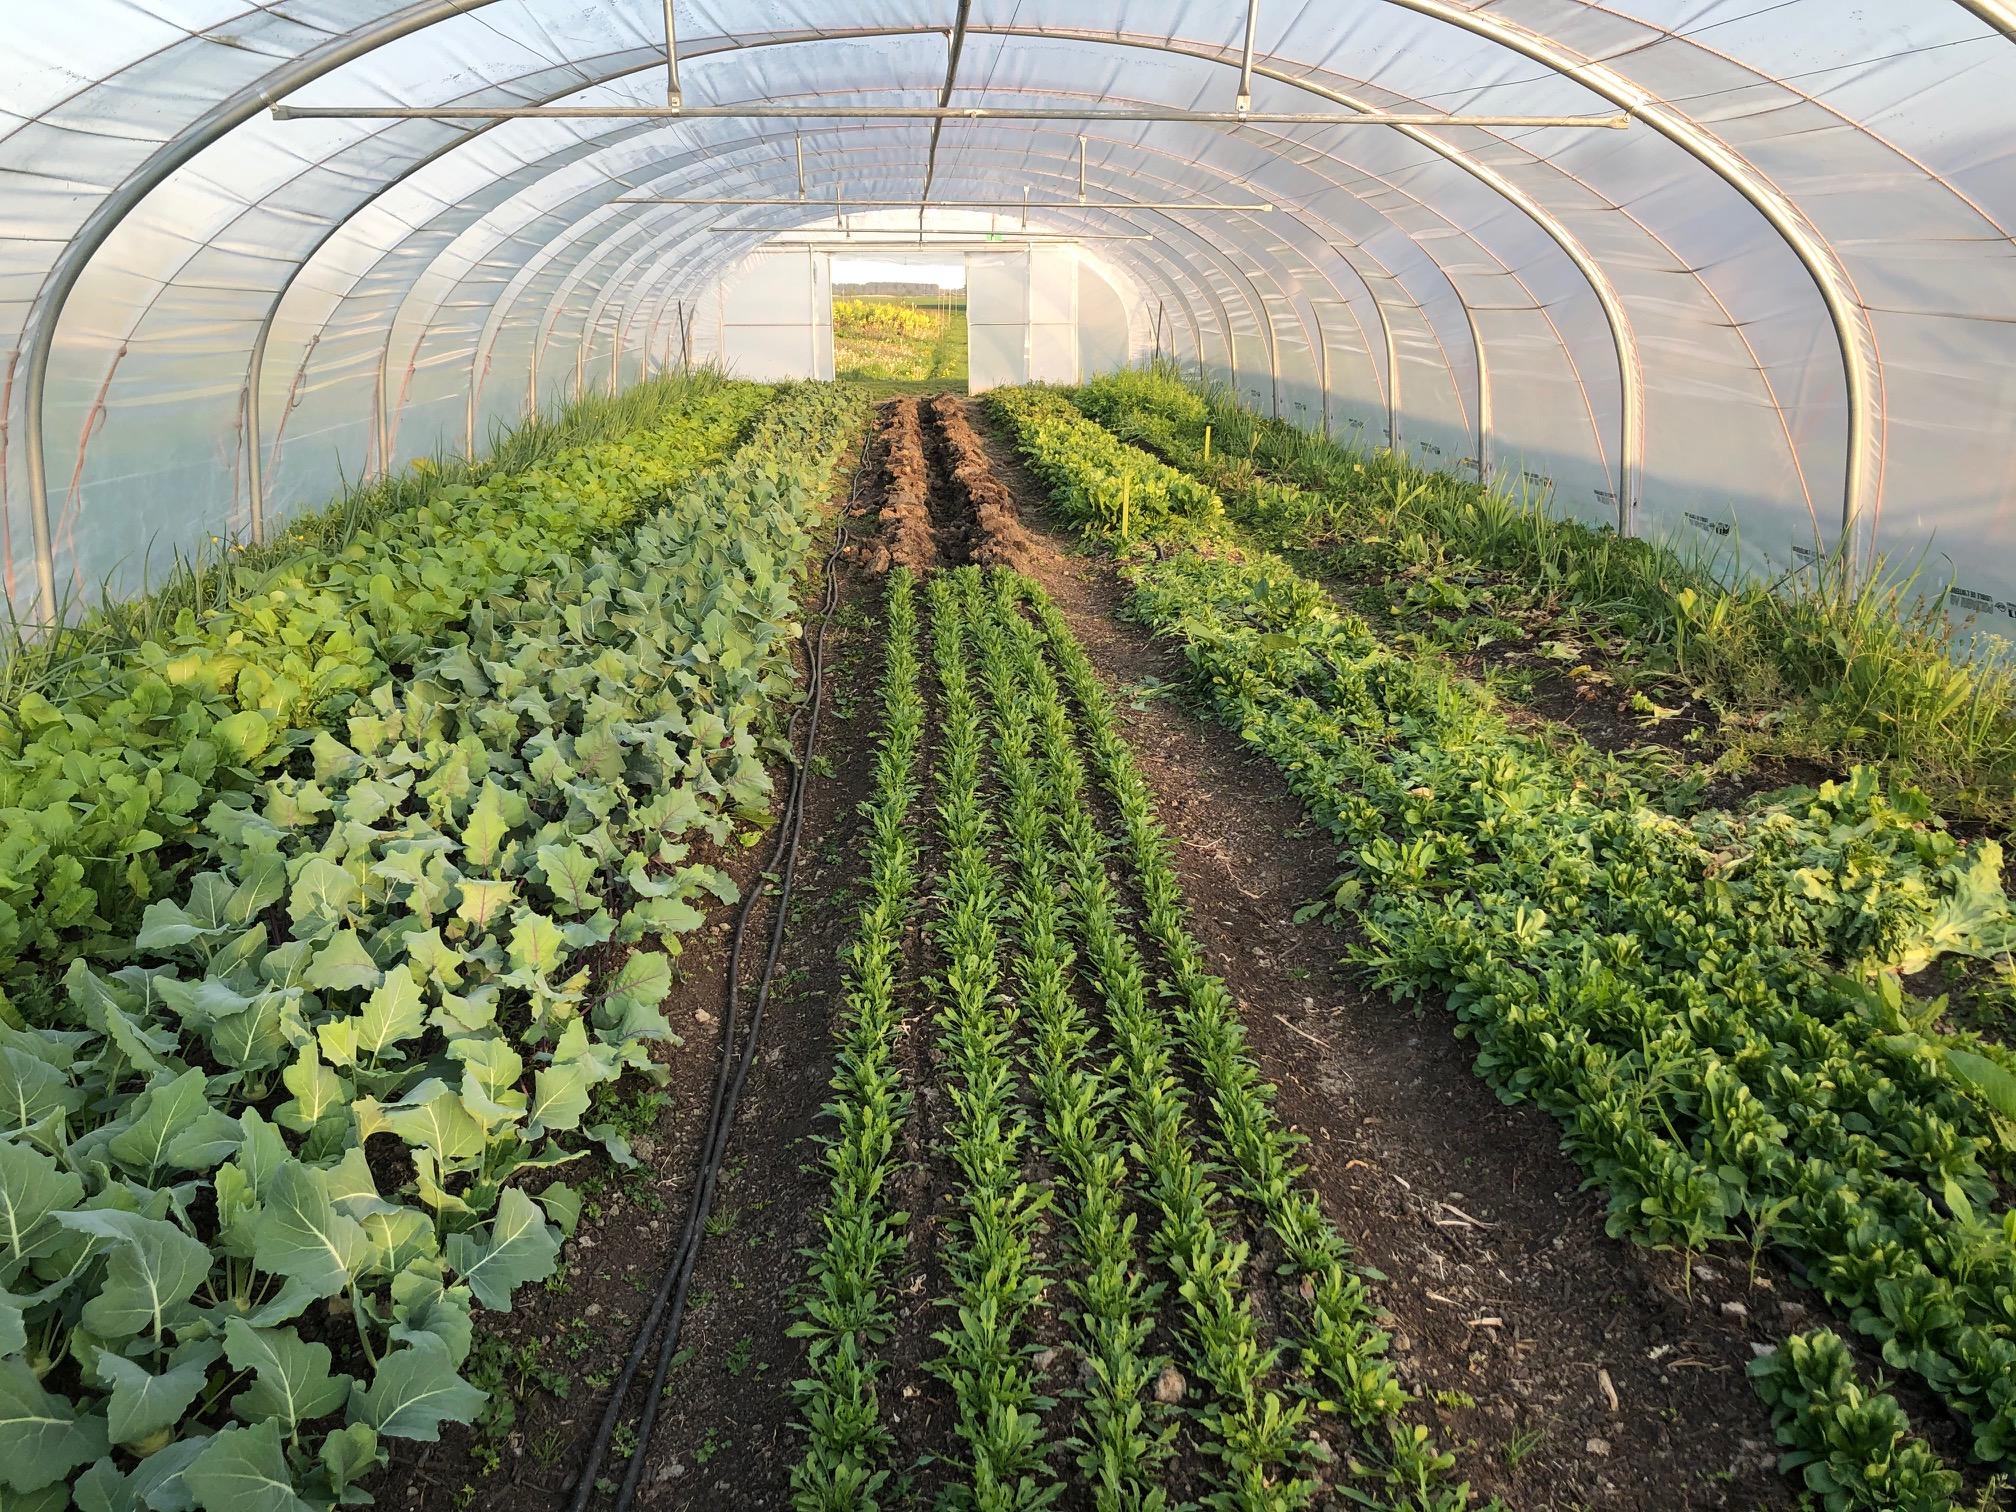 Online bijeenkomst 'Hoe kan je het CSA-groenteseizoen verlengen?'